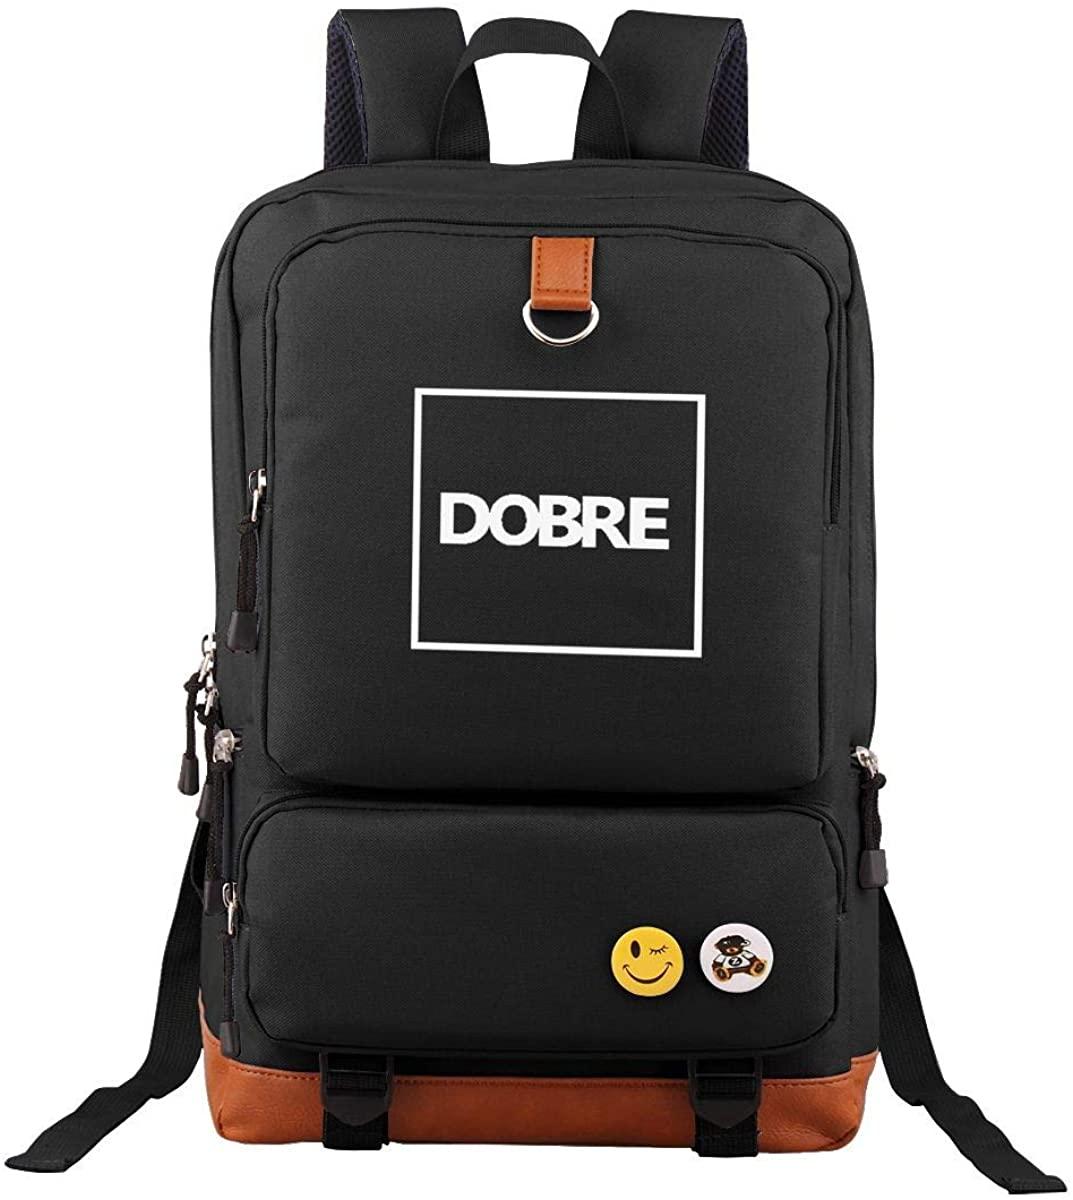 Tour Backpack Dobre Brother Logo Laptop Bag Vintage Bookbag Students Daypack